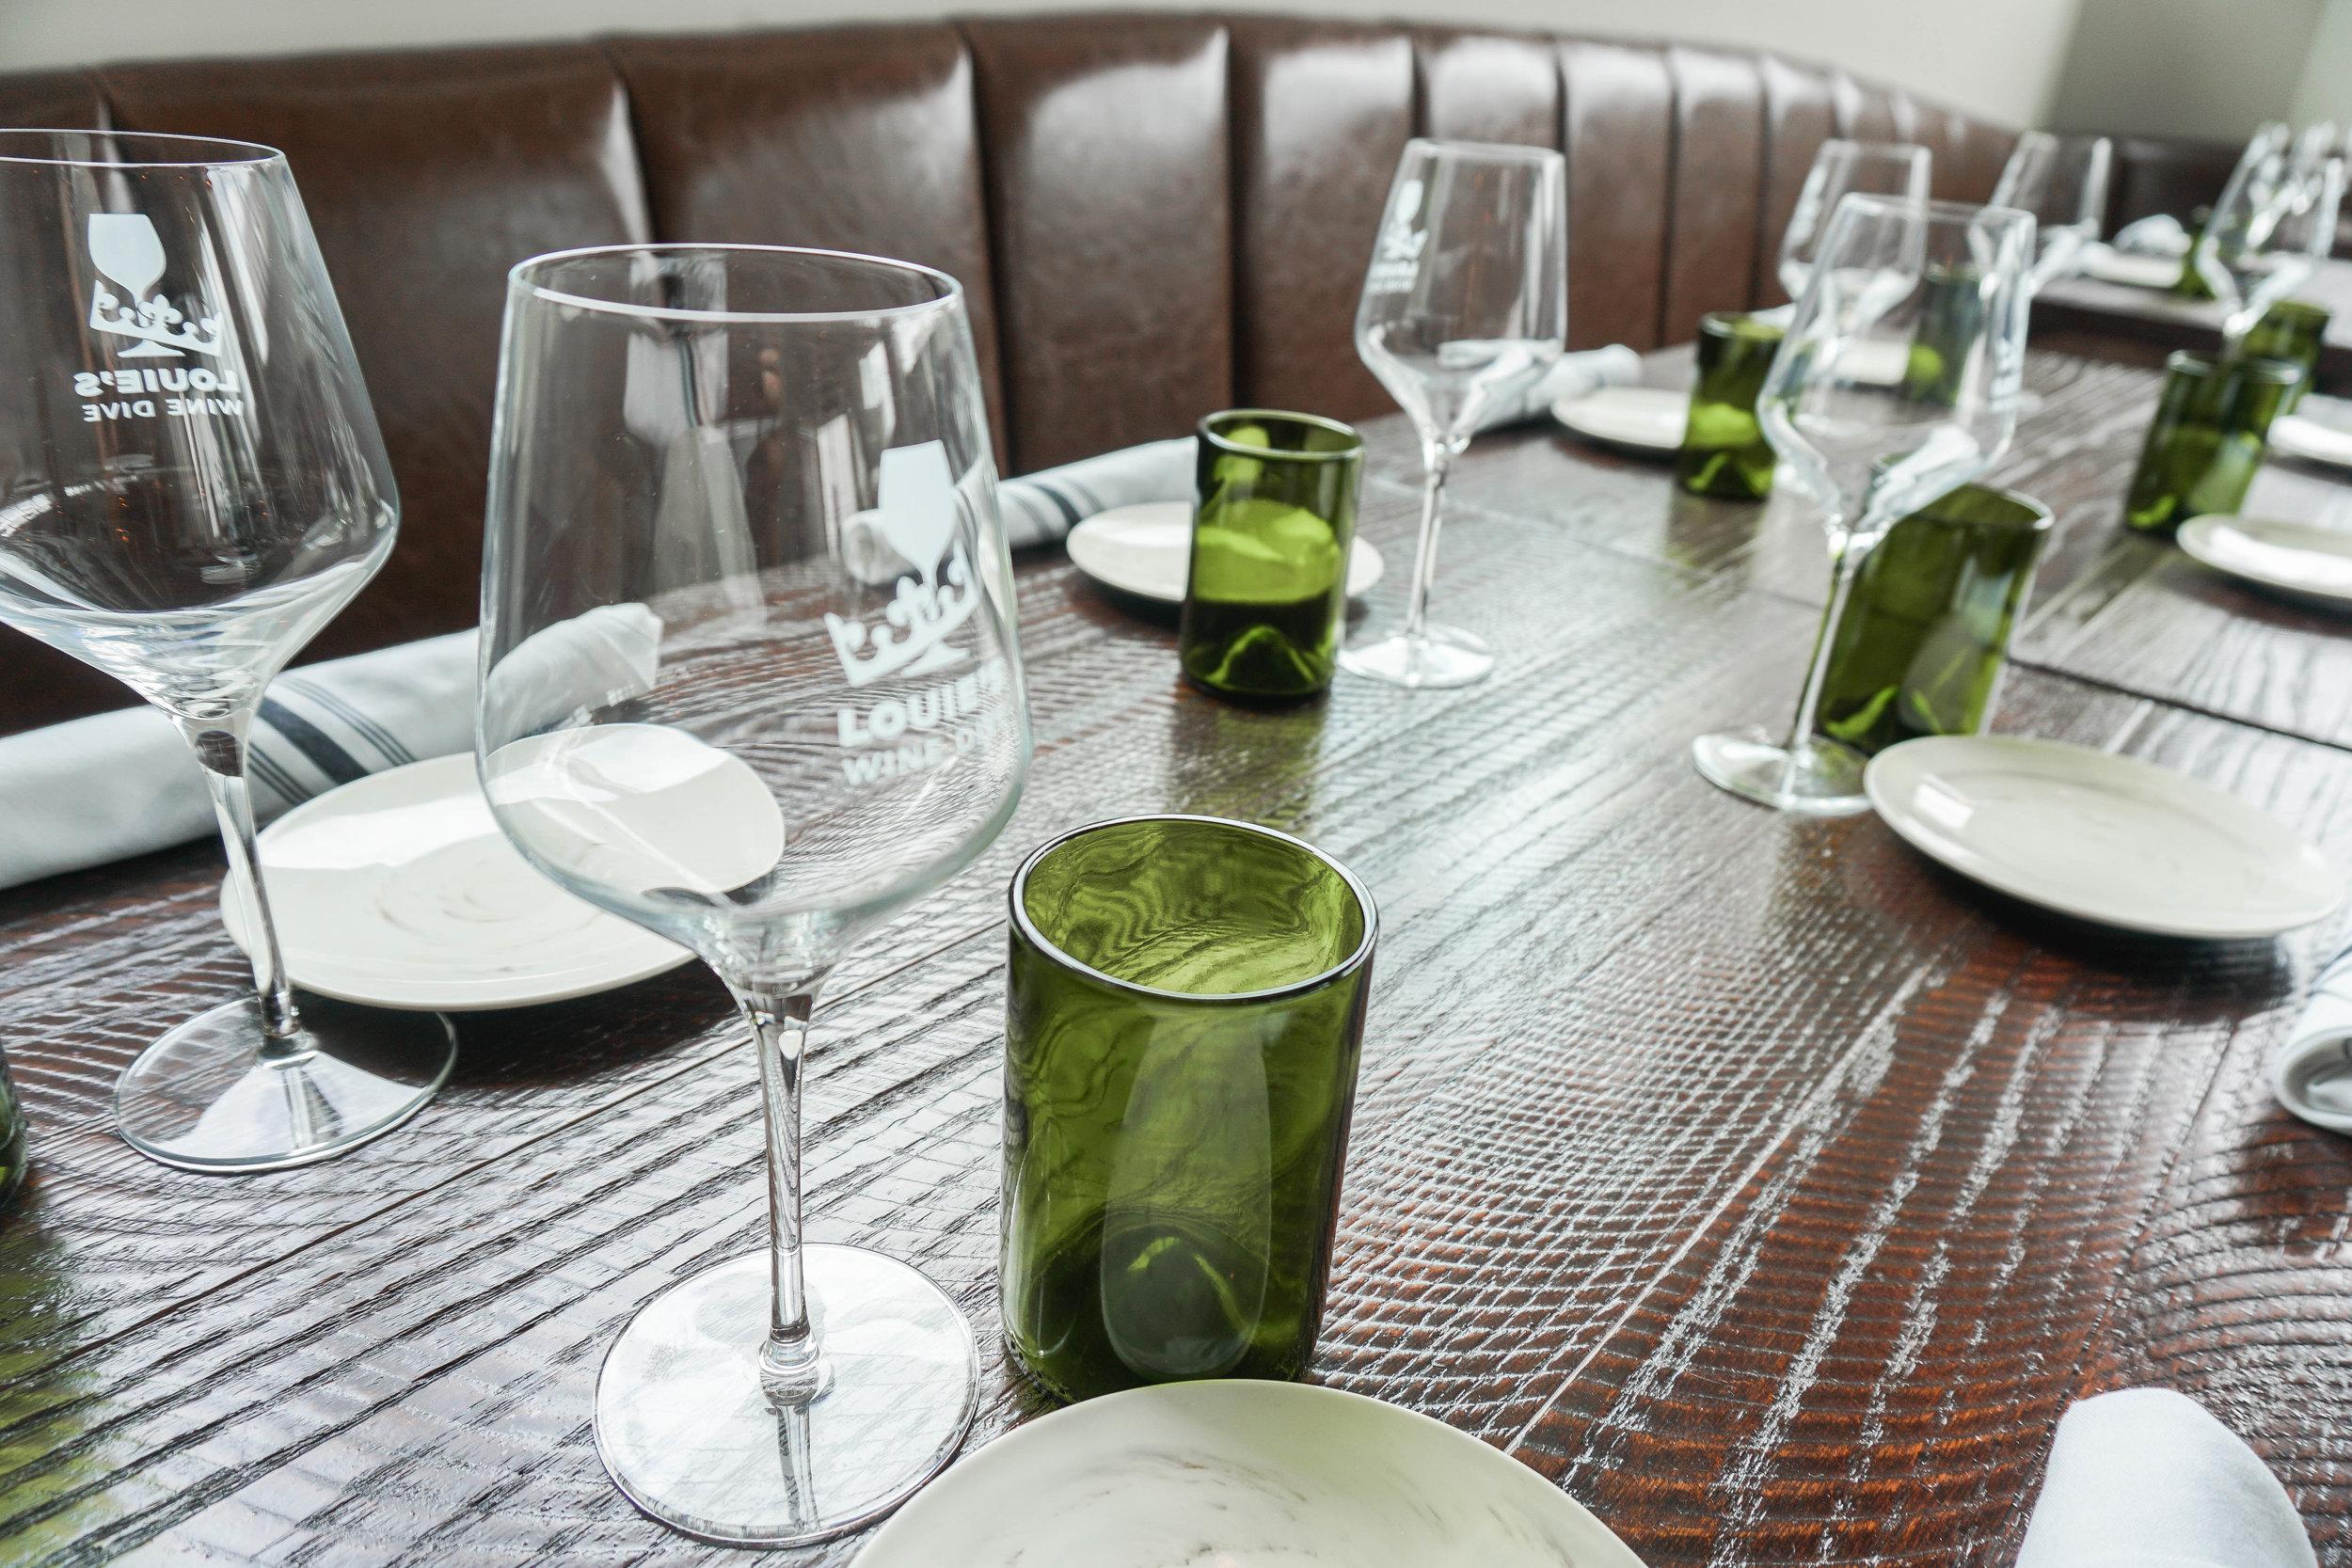 wine-bar-nashville-group-dinner-lunch-brunch.jpg